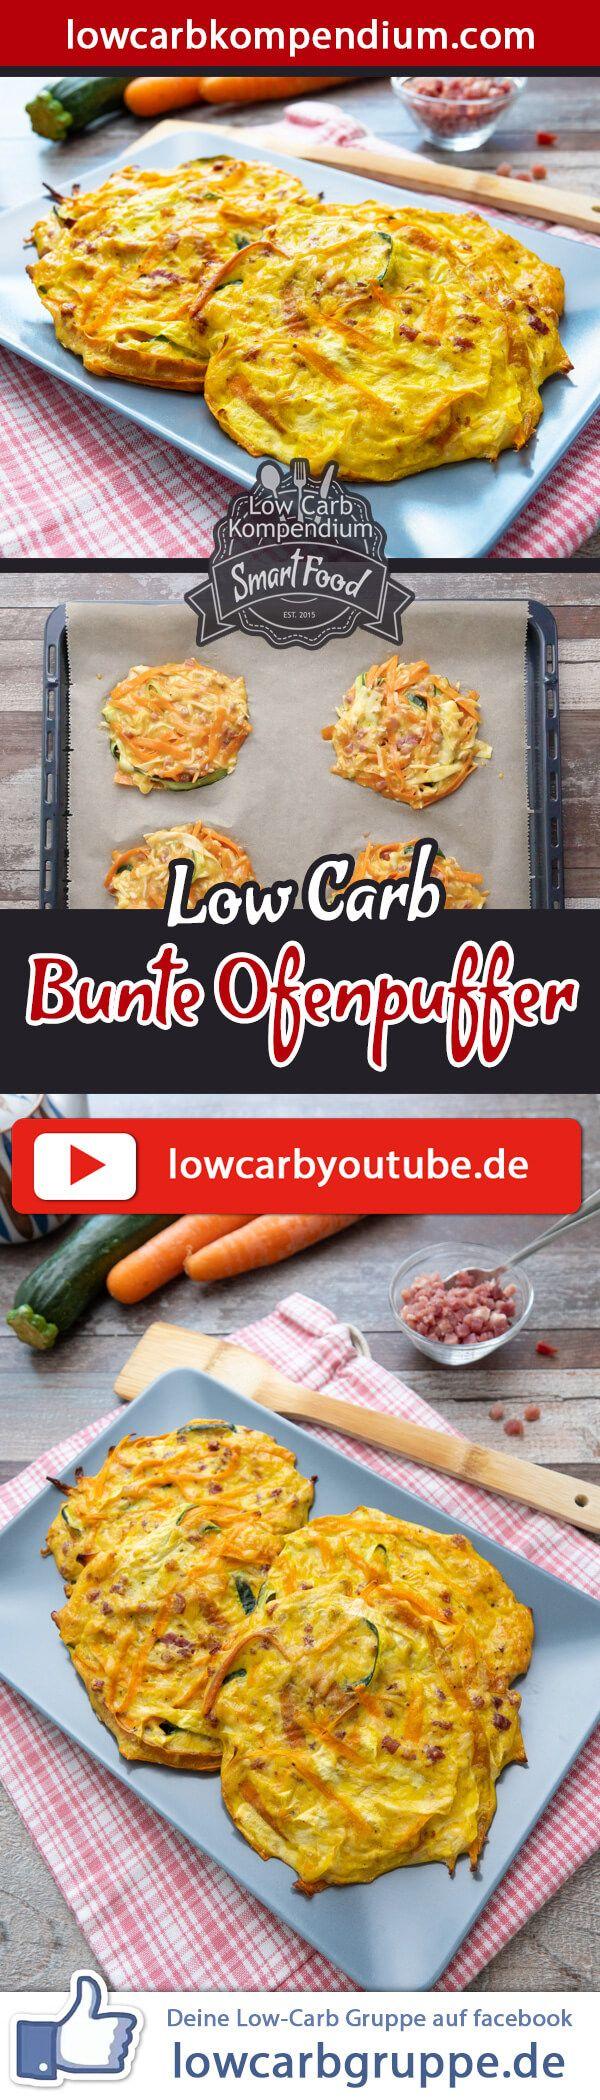 Bunte Ofenpuffer - Schnelle Puffer frisch aus dem Ofen ���